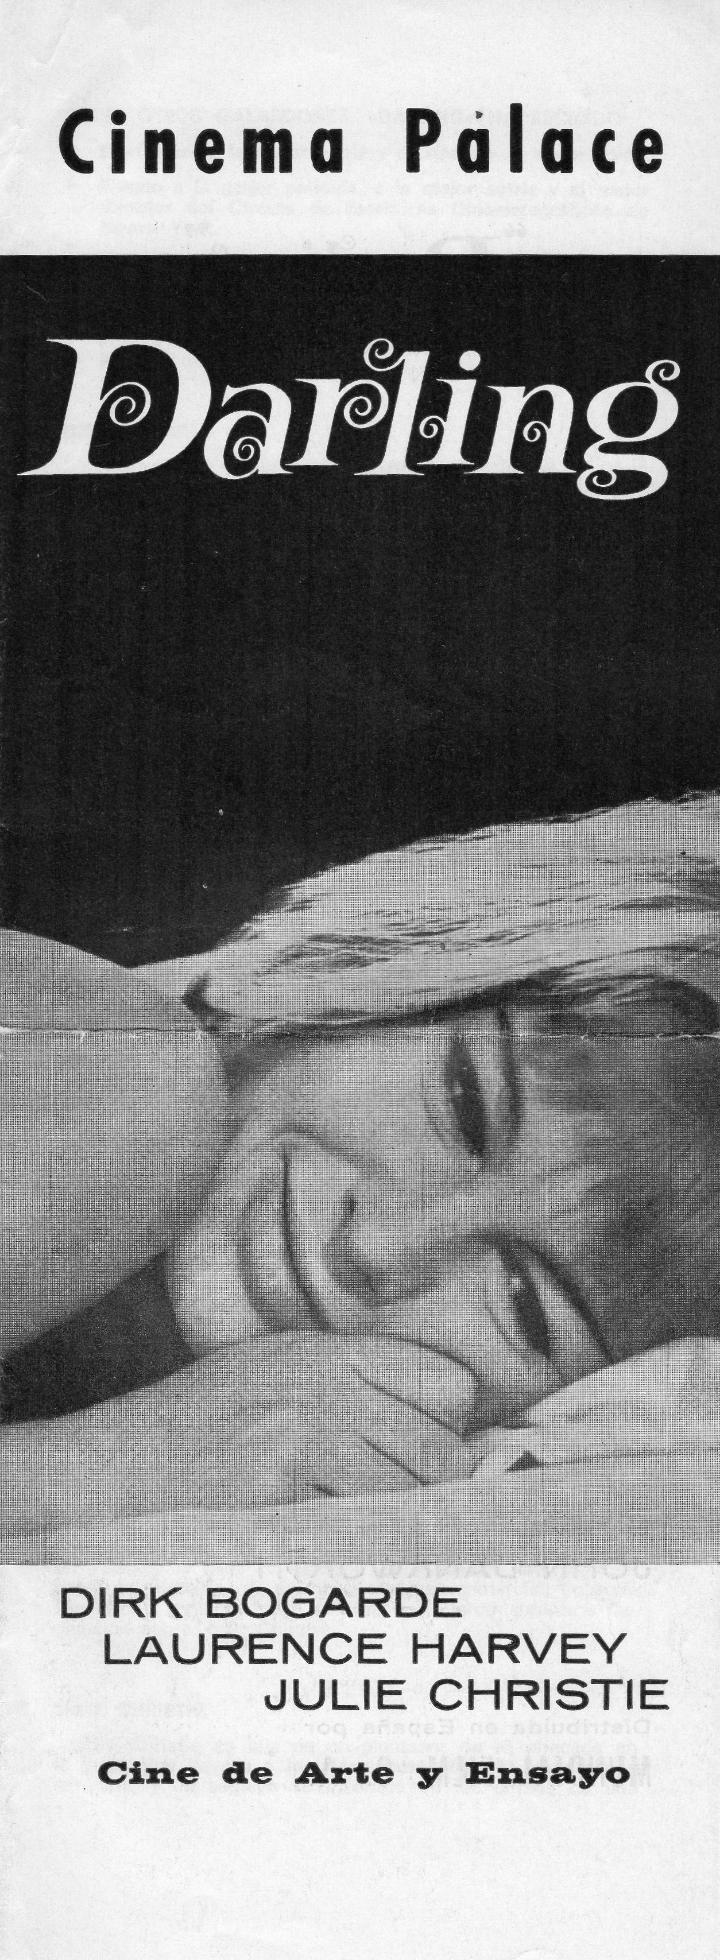 FOLLETO ORIGINAL DE DARLING, PELÍCULA DE JOHN SCHLESINGER, AÑOS 60 (Cine - Reproducciones de carteles, folletos...)